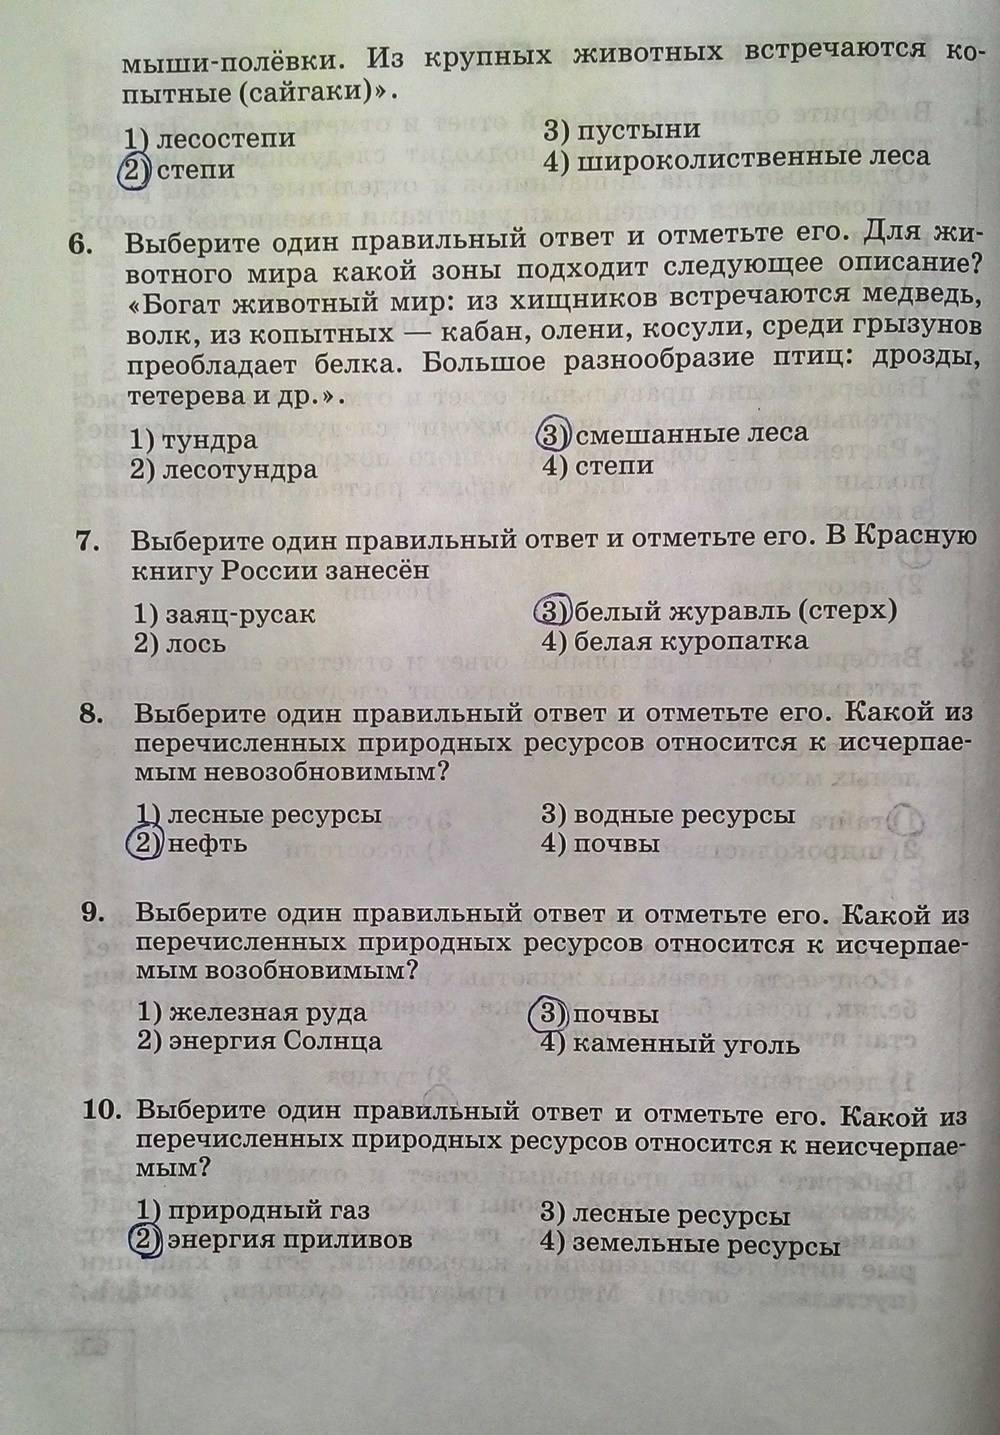 Гдз 8 класс. рабочая тетрадь и. и. баринова 2018